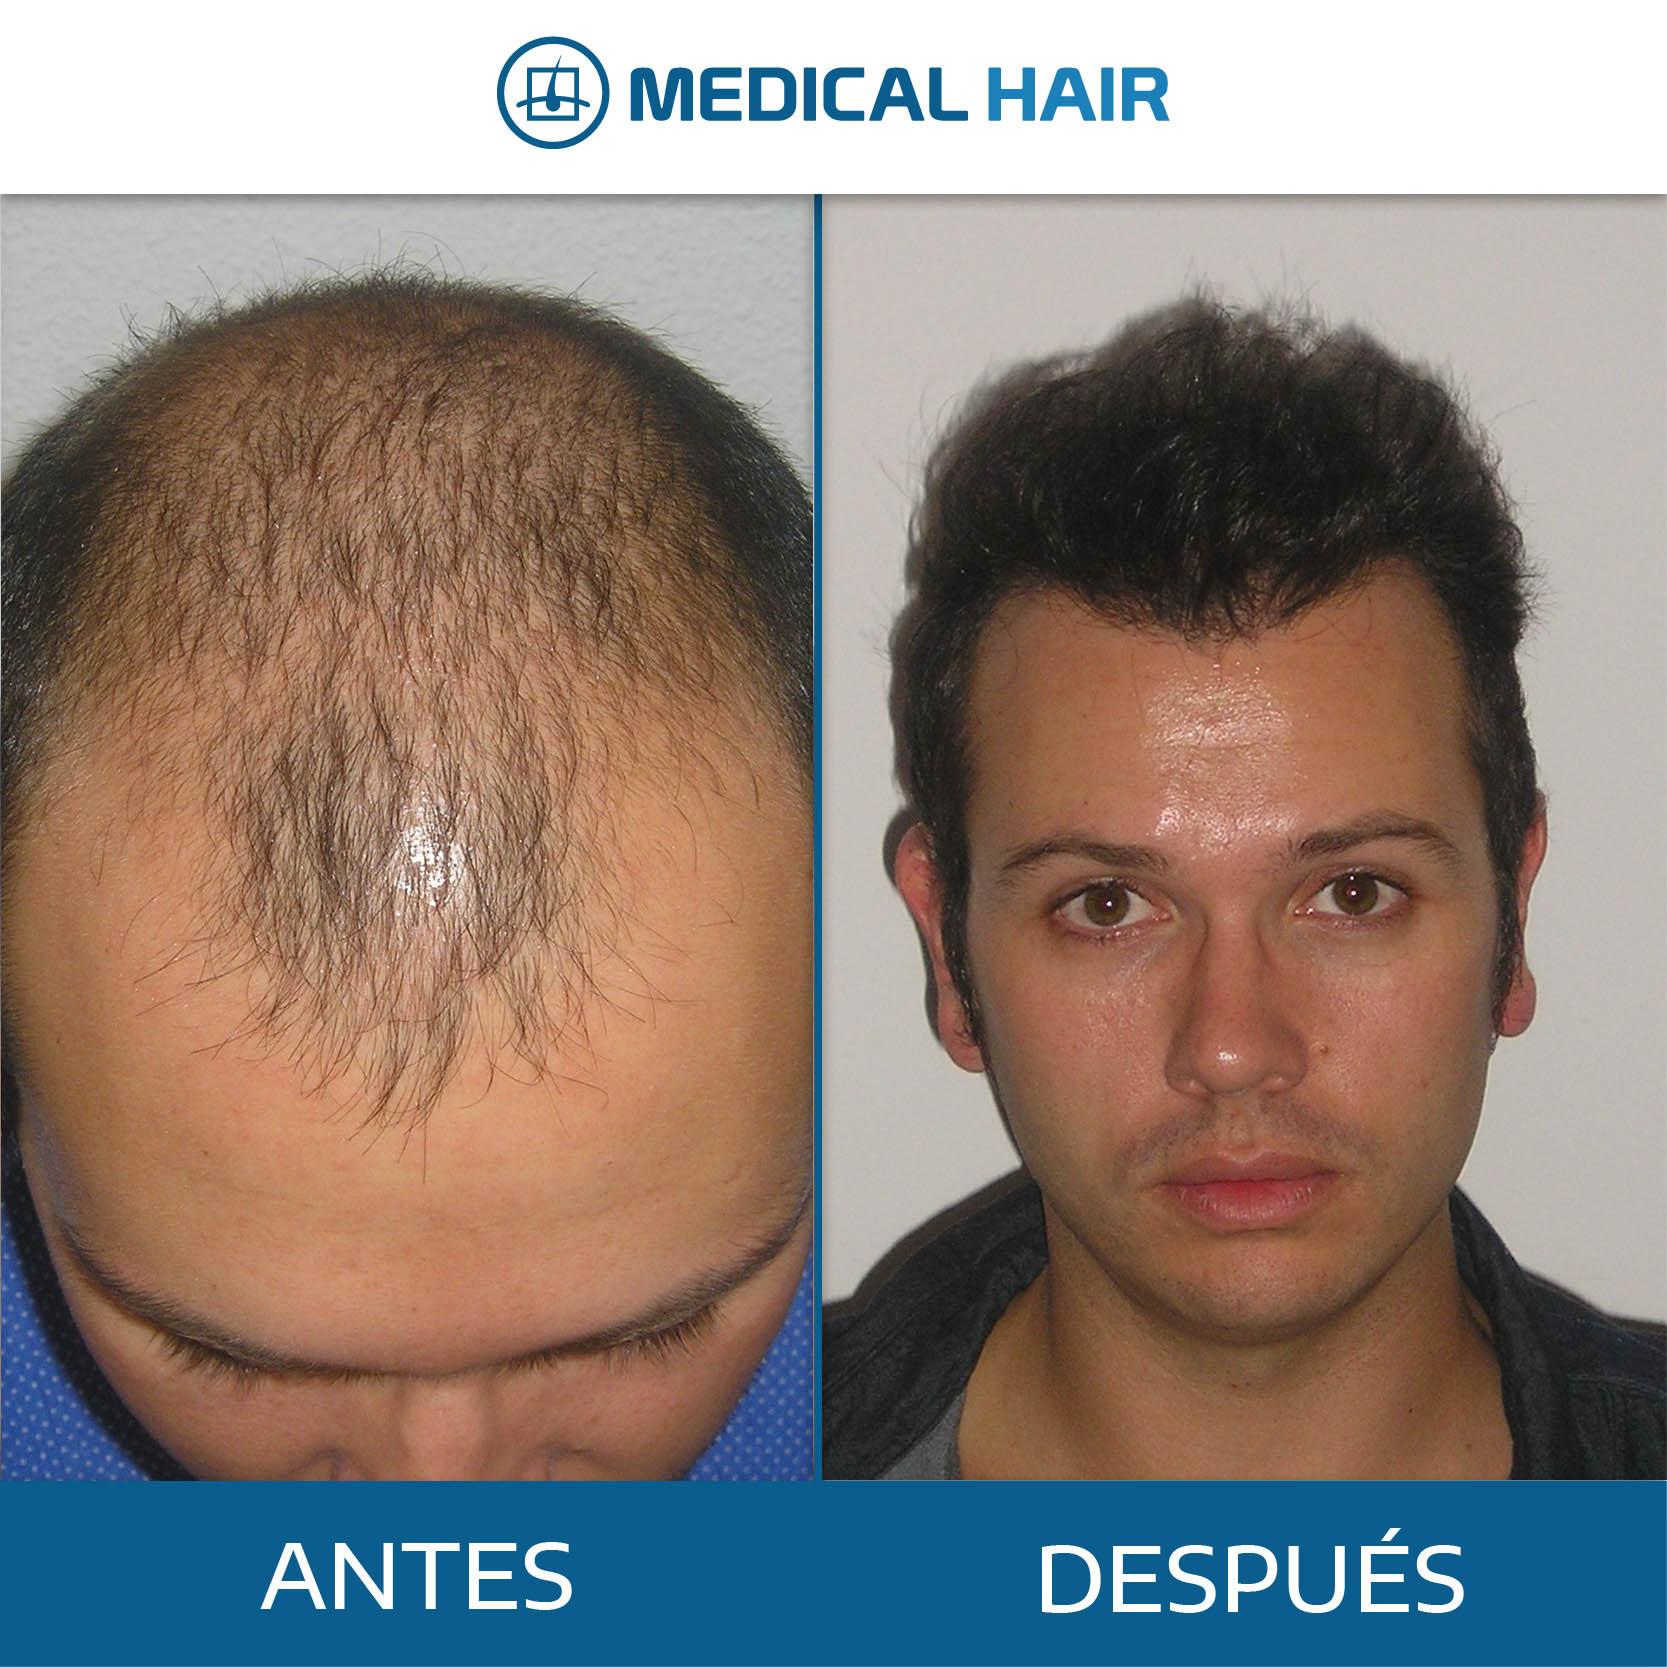 Medical Hair - Antes y Después